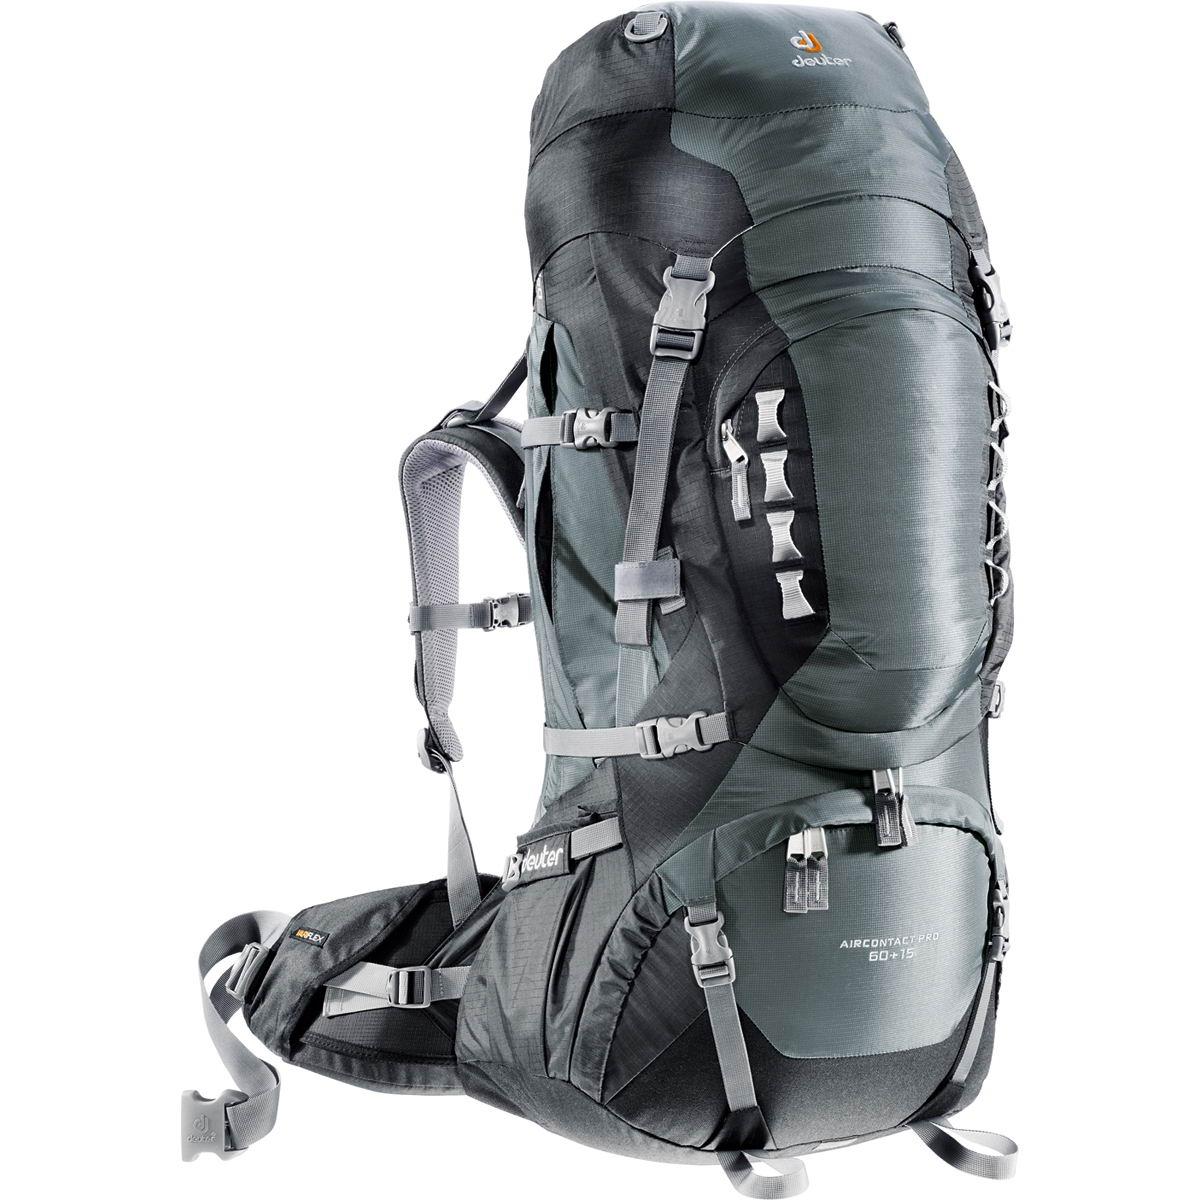 deuter-aircontact-pro-6015-herren-trekking-rucksack-granite-black-de.33823.4700